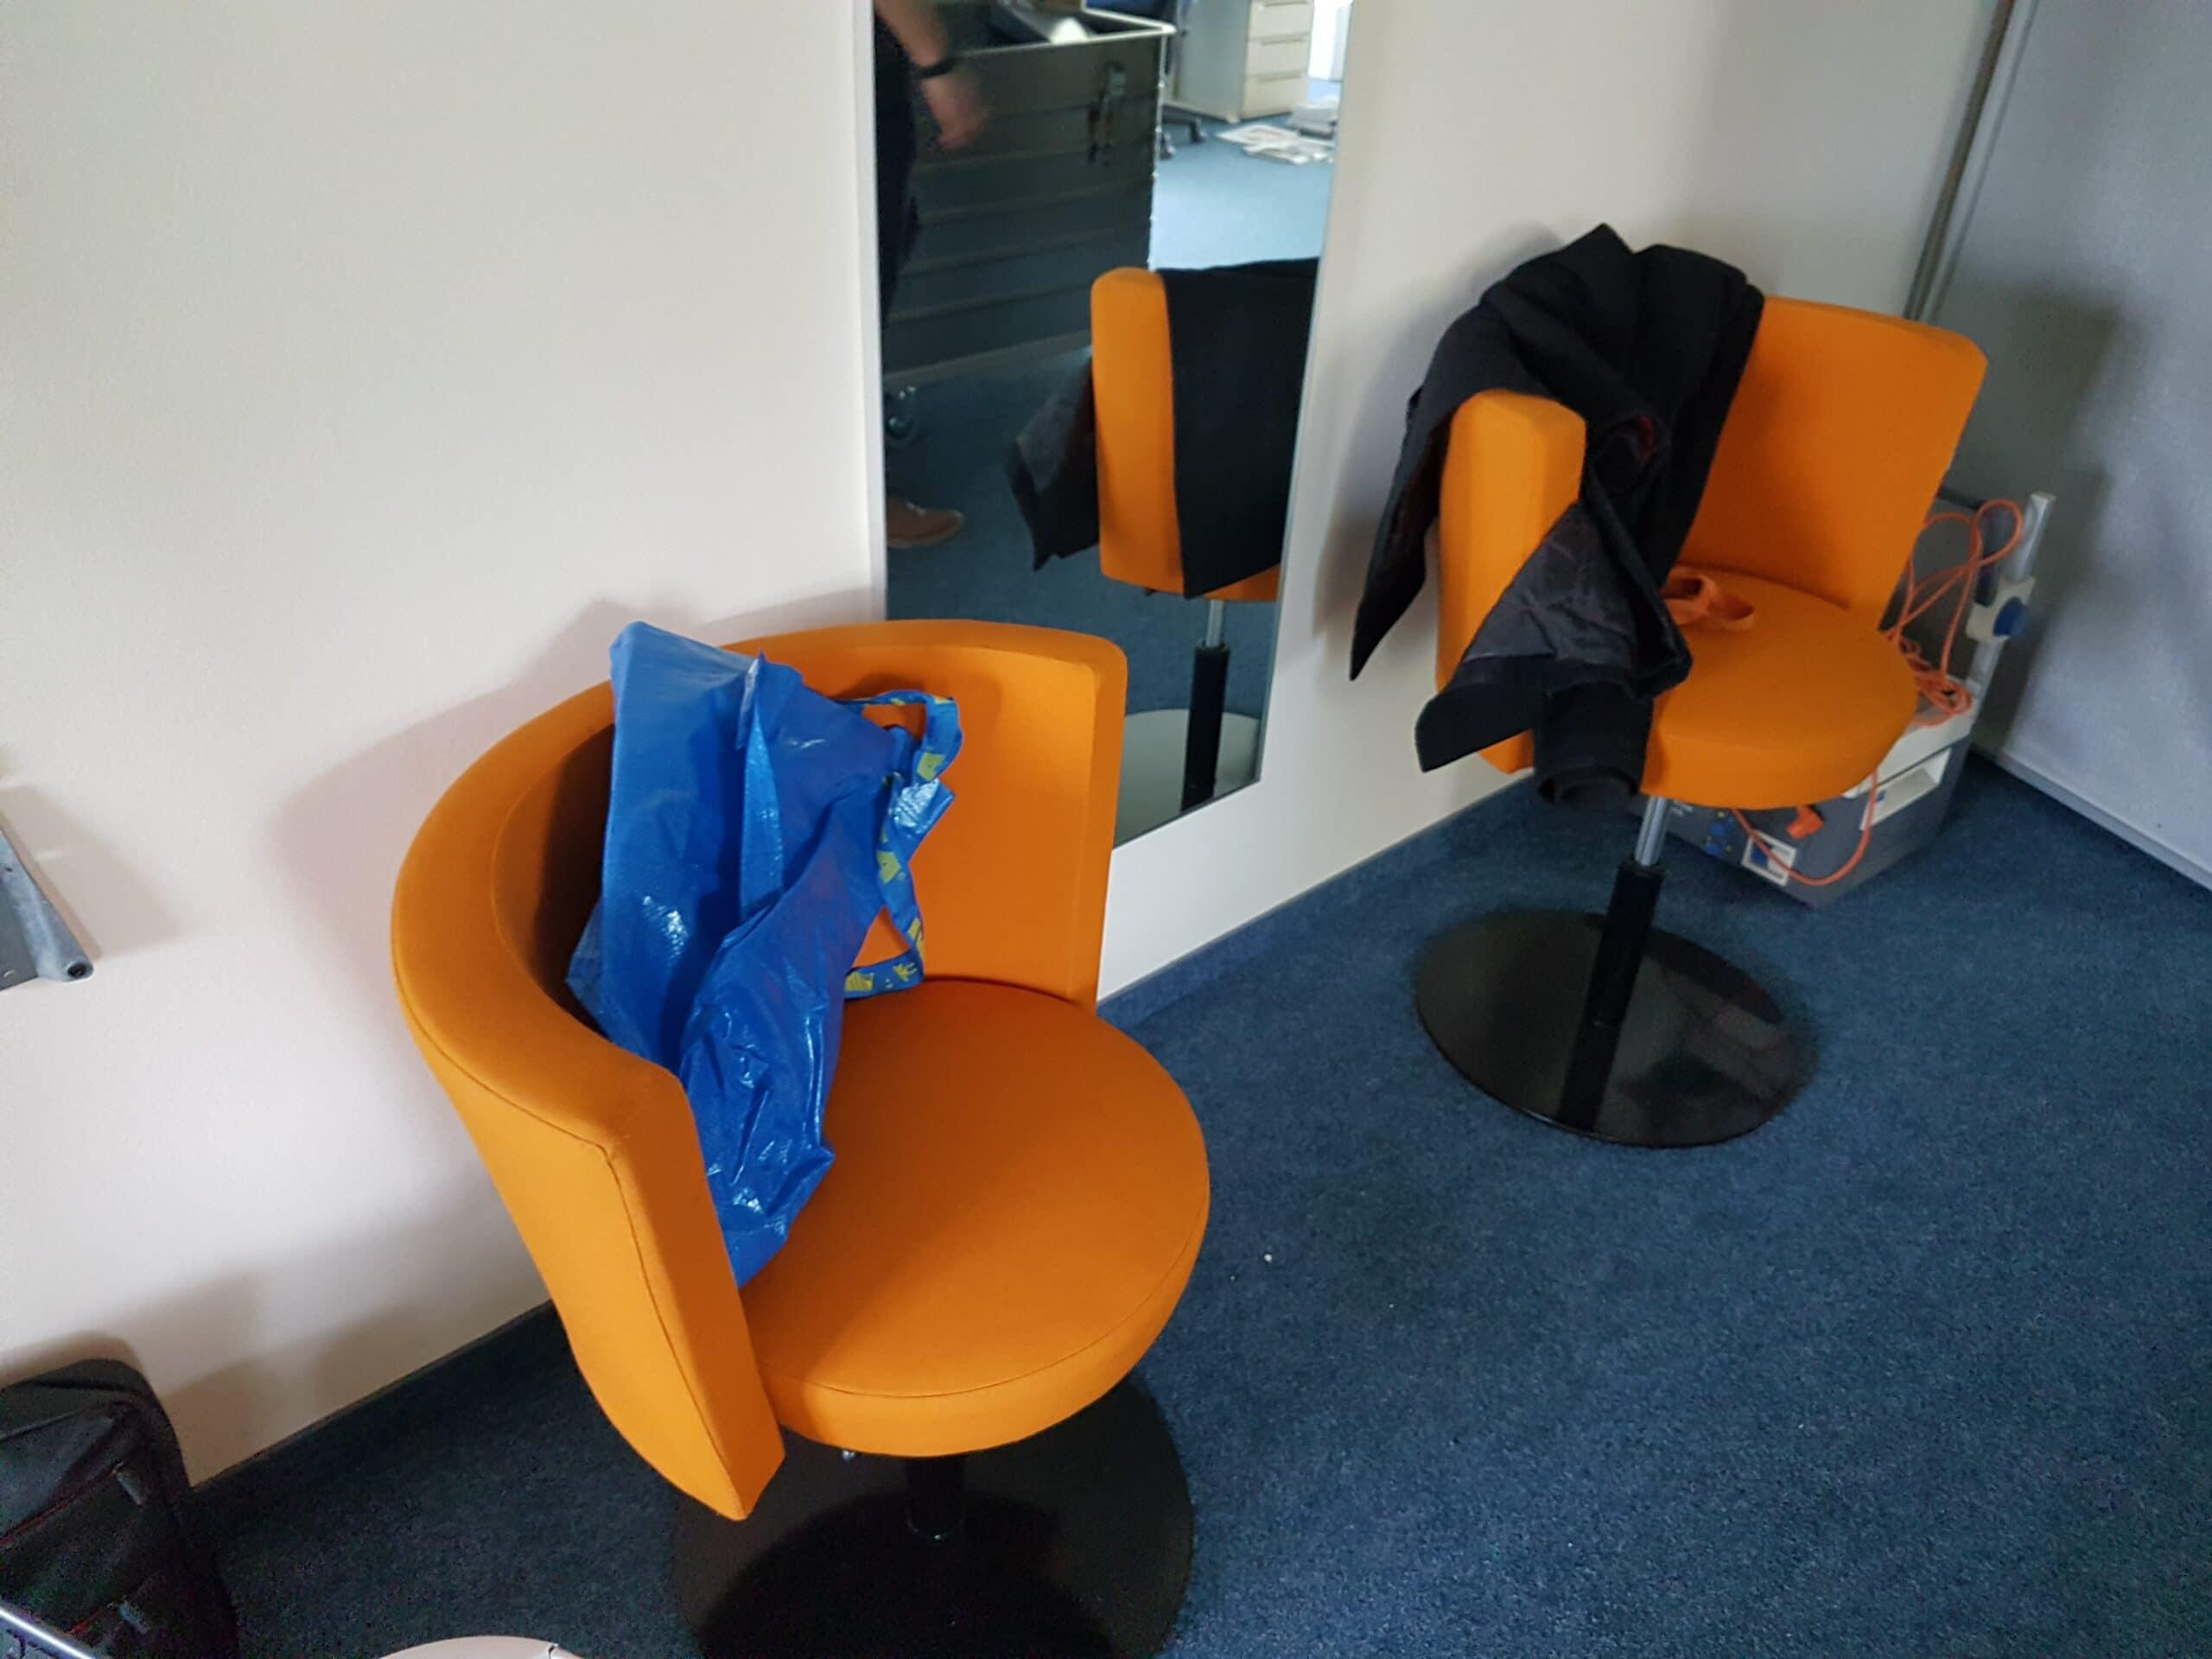 20170503 111936 - Möbel kostenlos in Berlin Friedrichshain bis zum 15.05.17 abzugeben